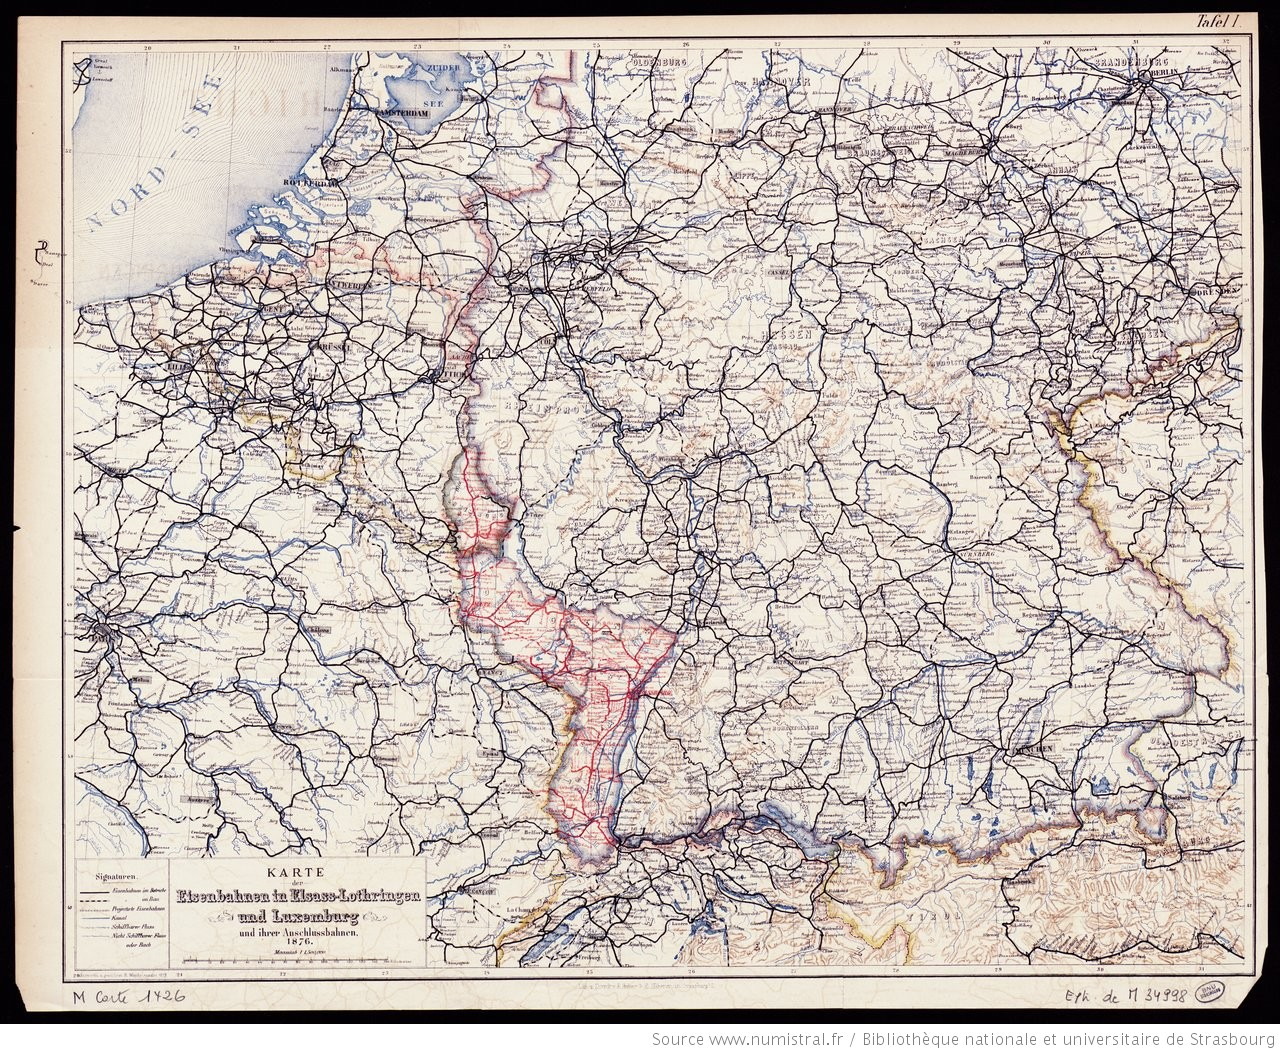 Lothringen Karte.Karte Der Eisenbahnen In Elsass Lothringen Und Luxemburg Und